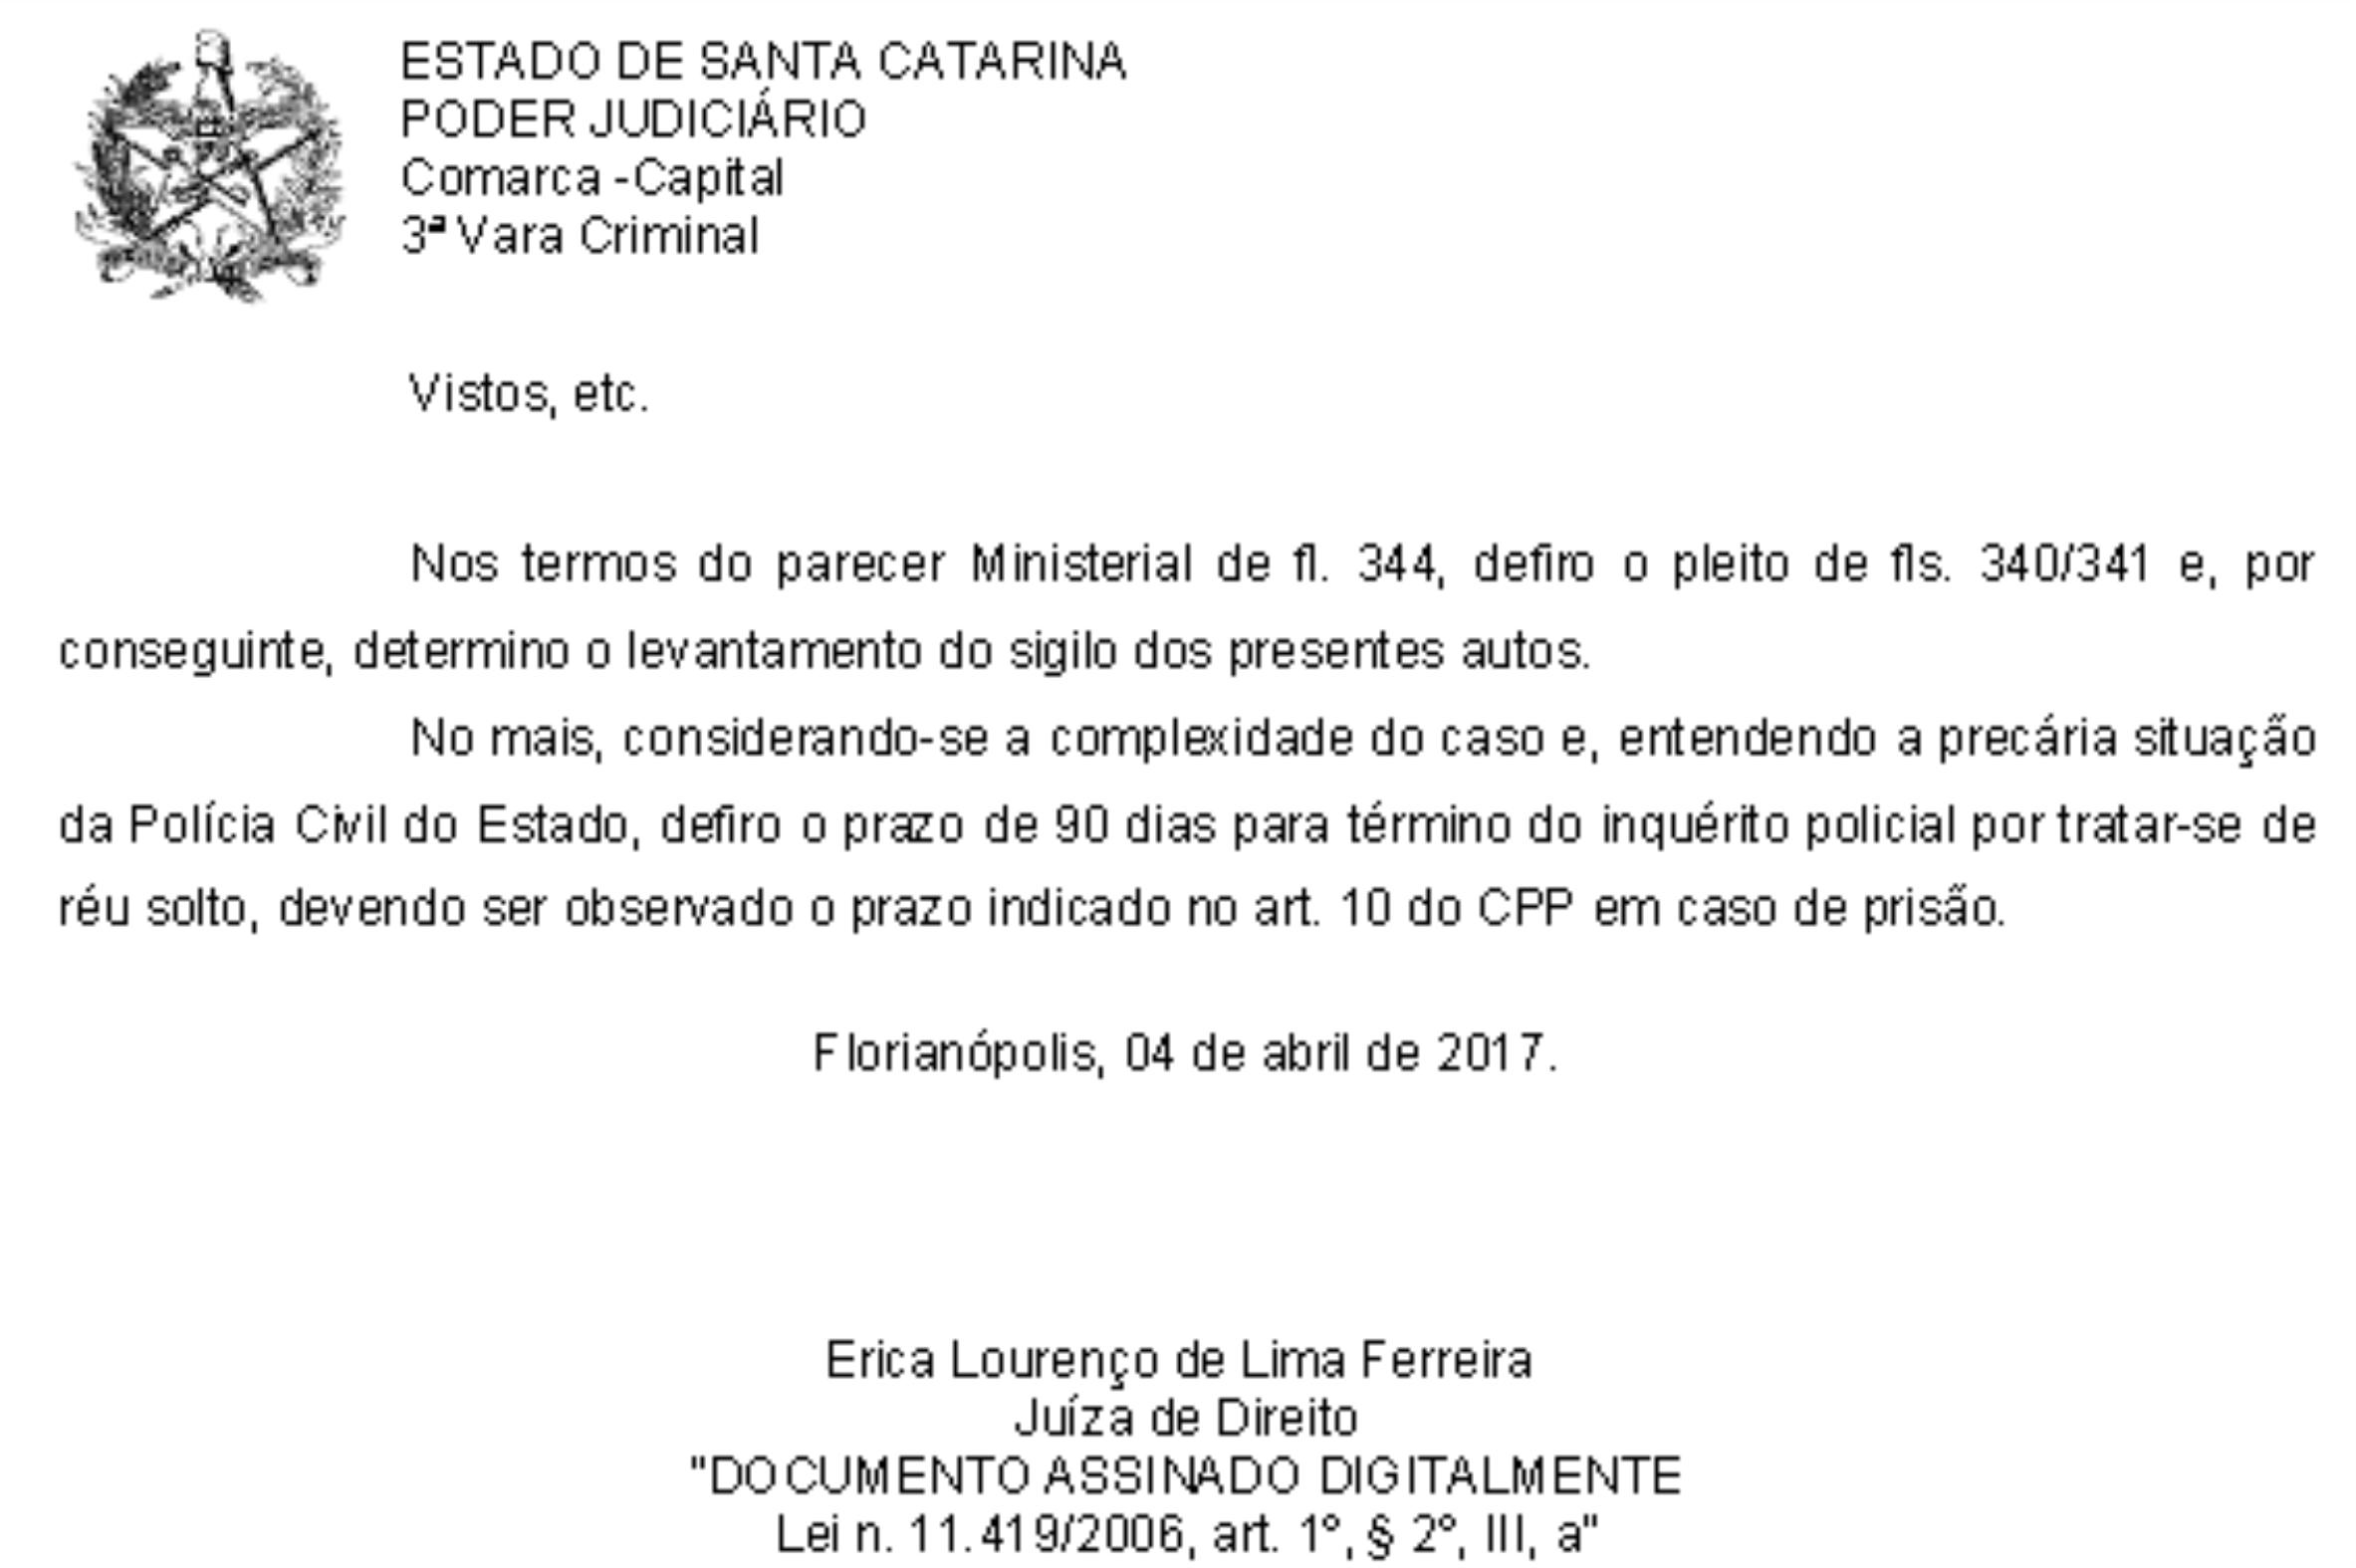 Juíza prorroga inquérito de estelionato por precariedade da situação da Polícia Civil